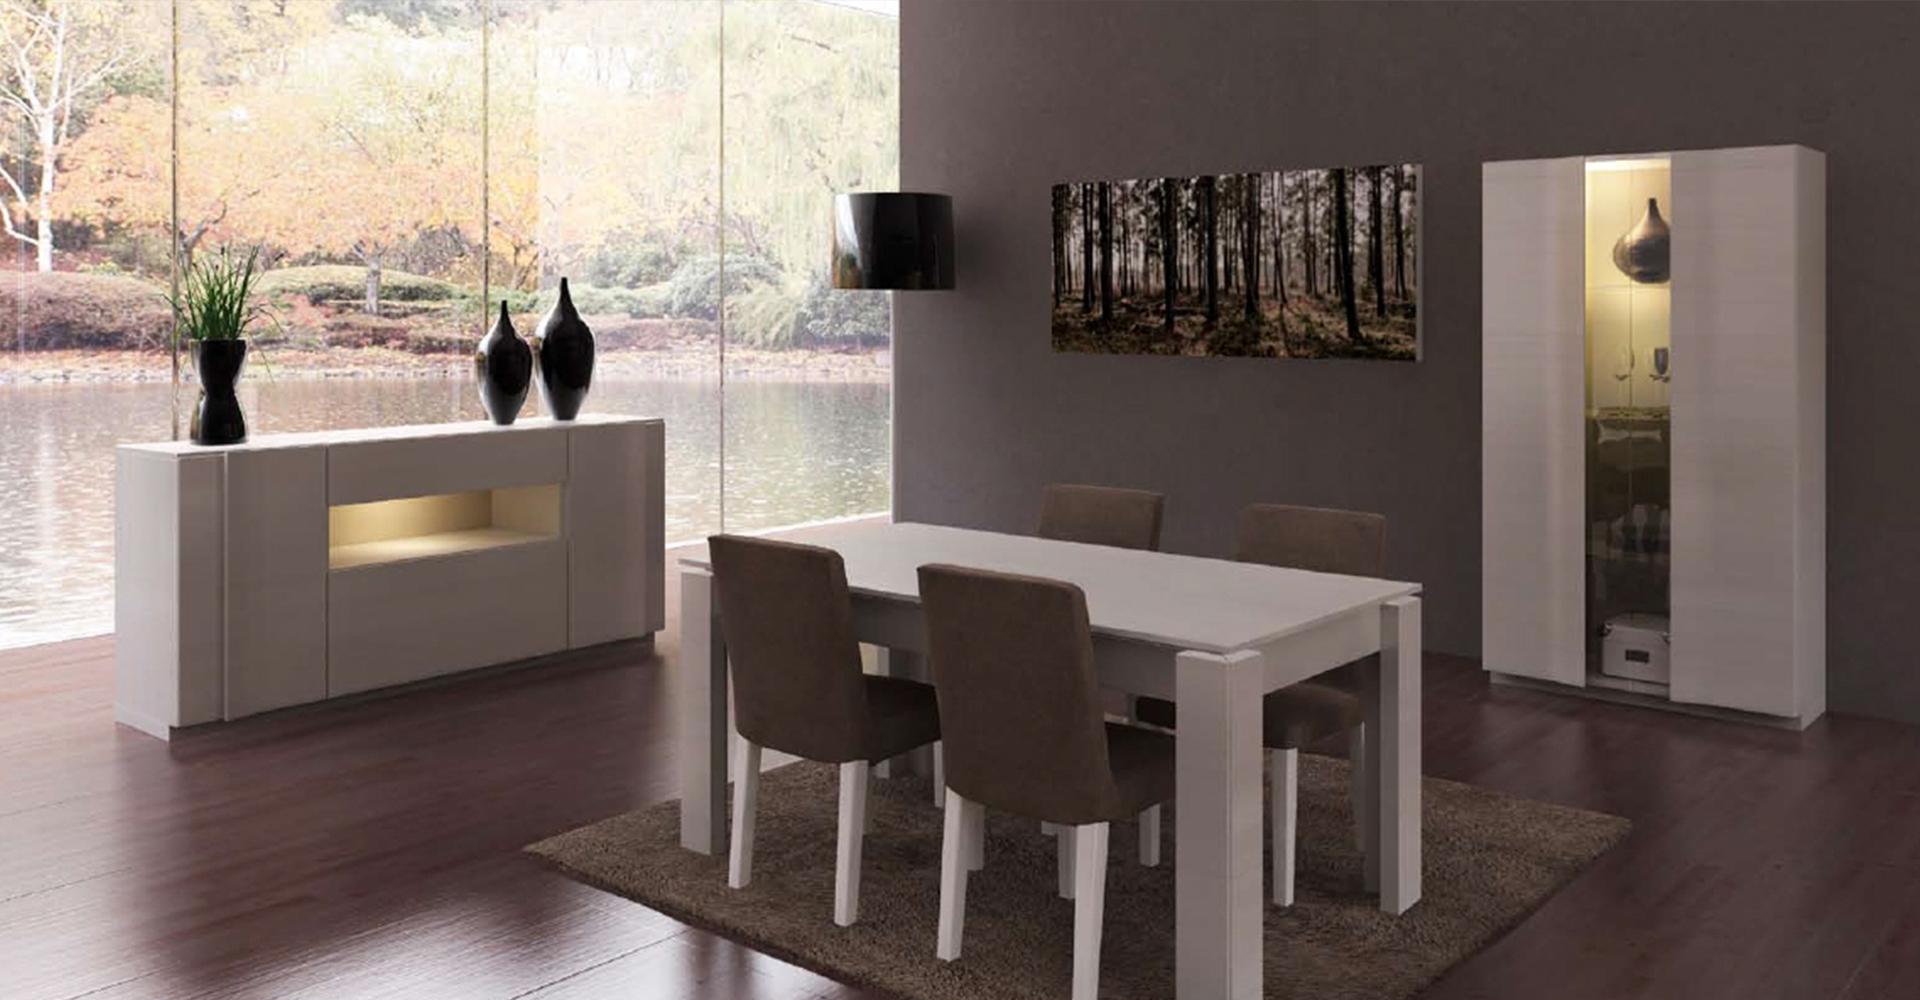 modulares de salon de estilo moderno (17)